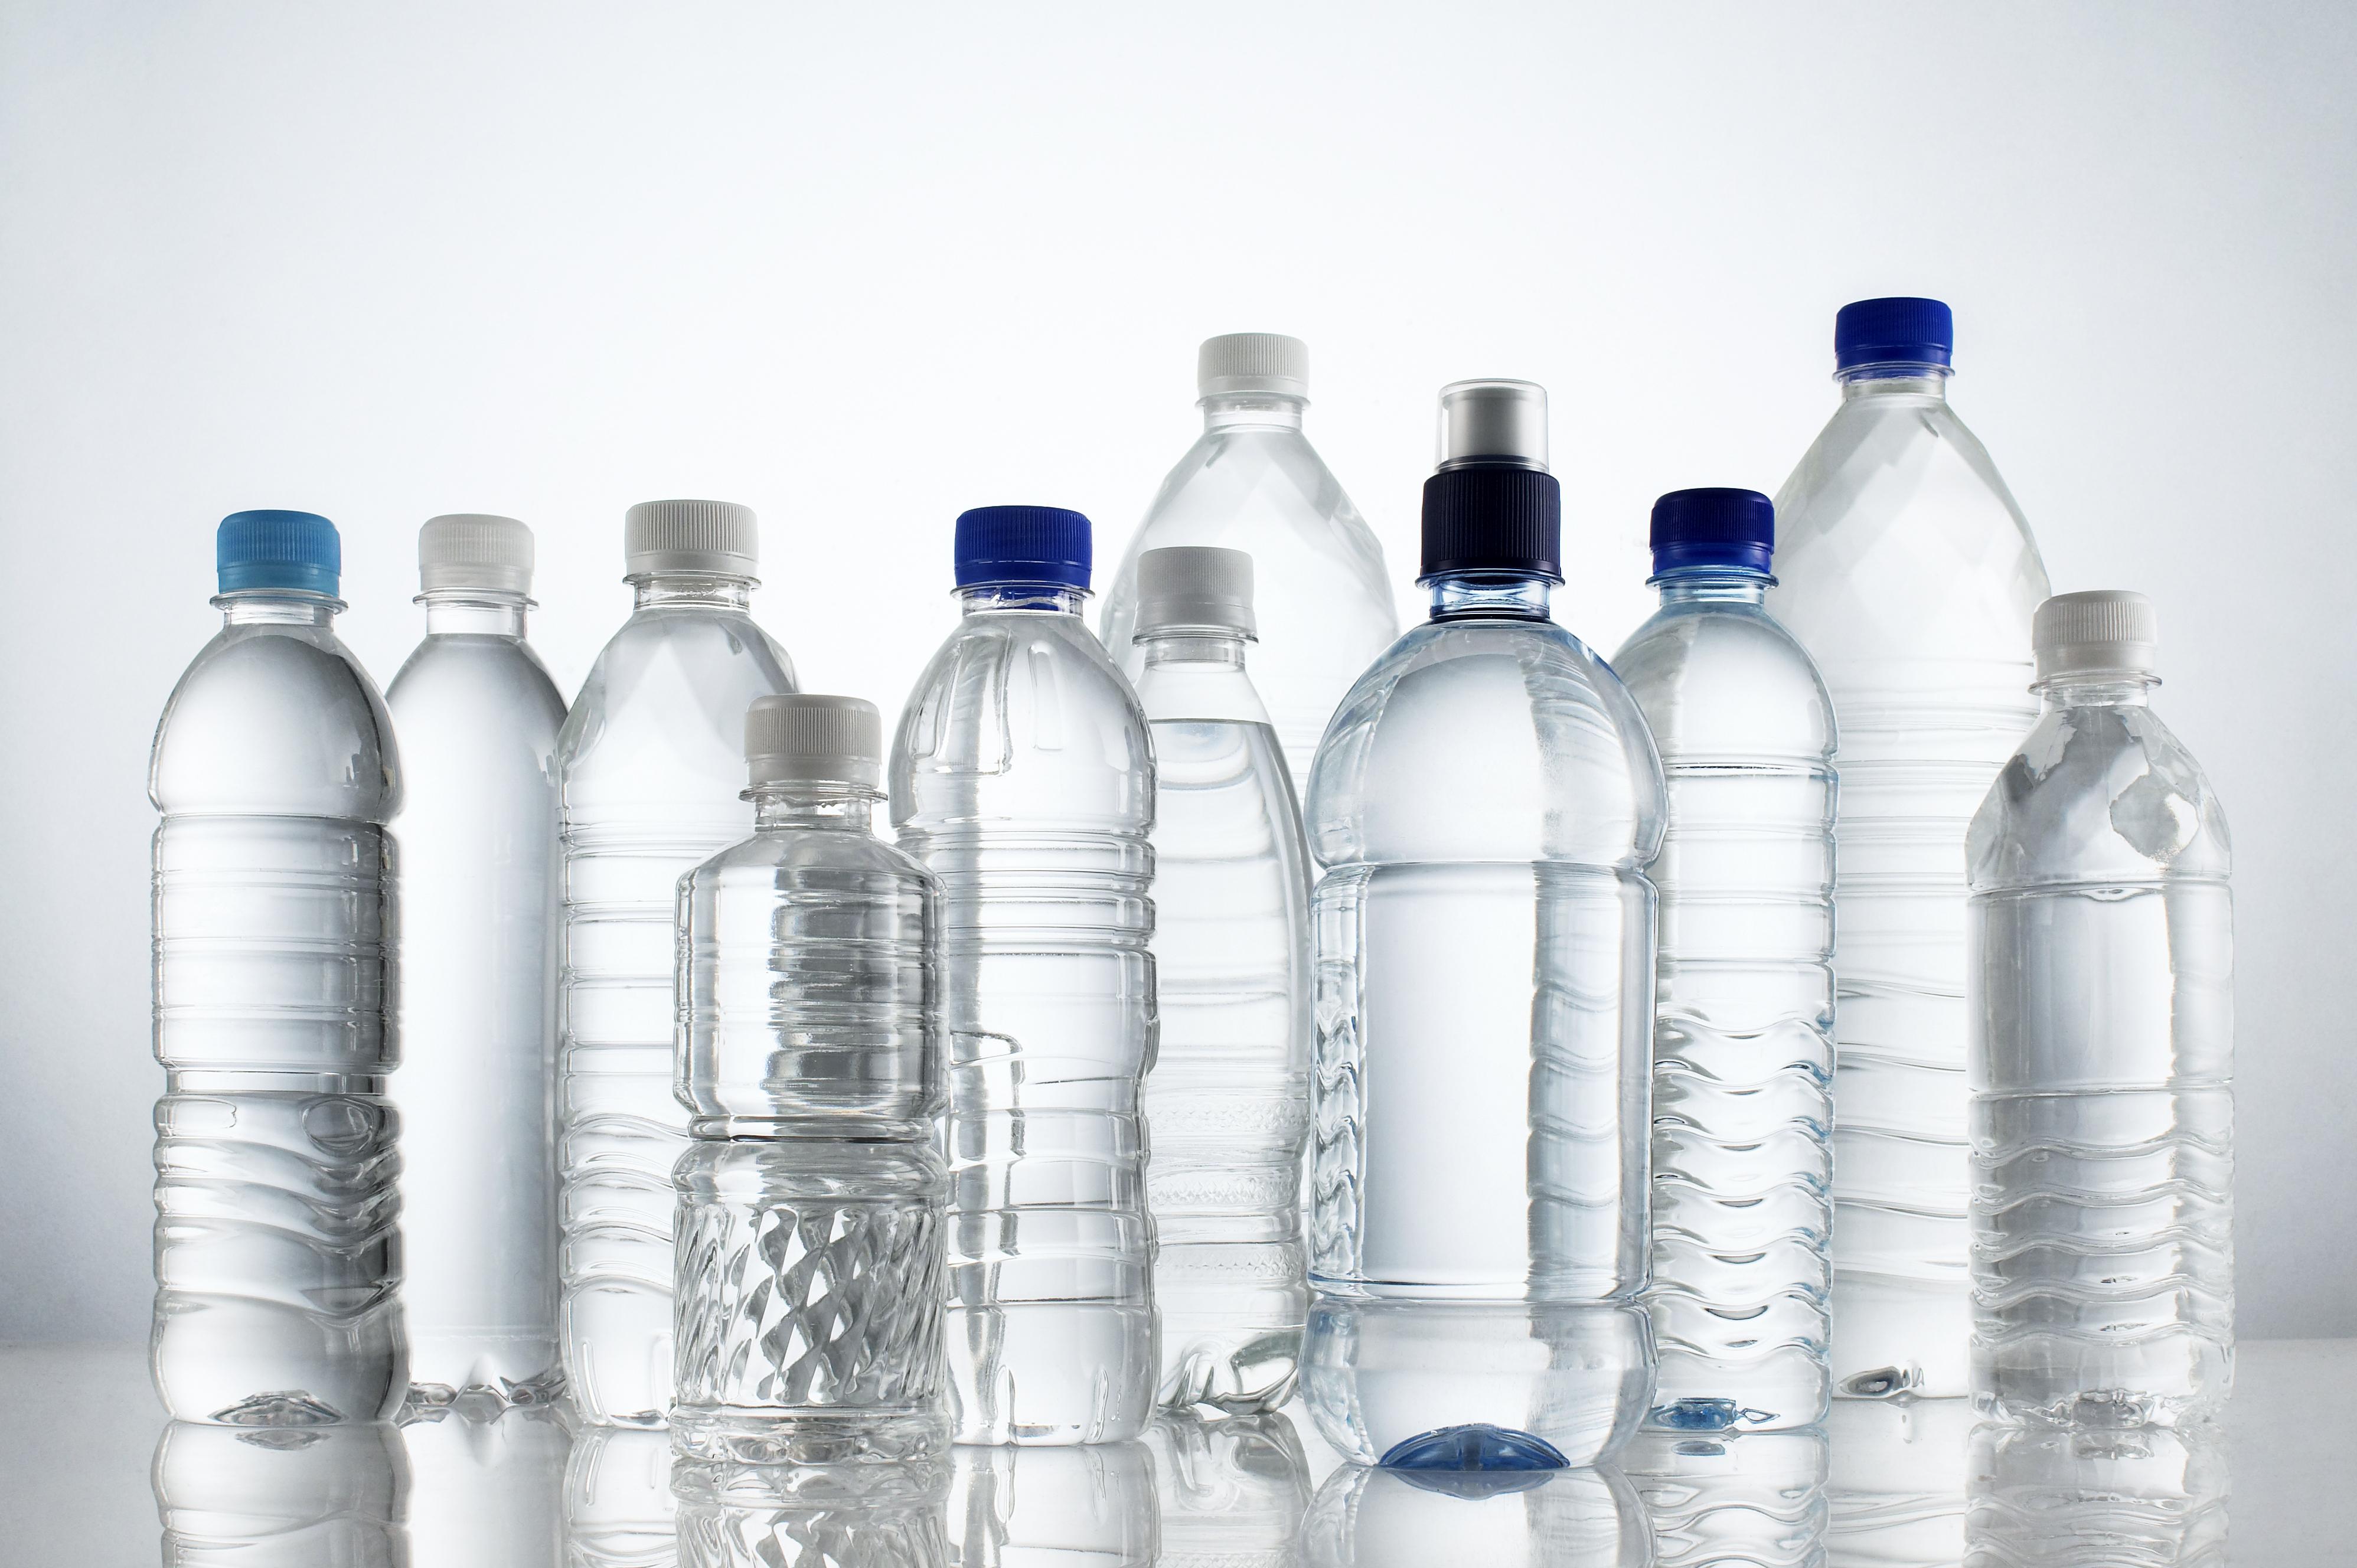 Bottles #8